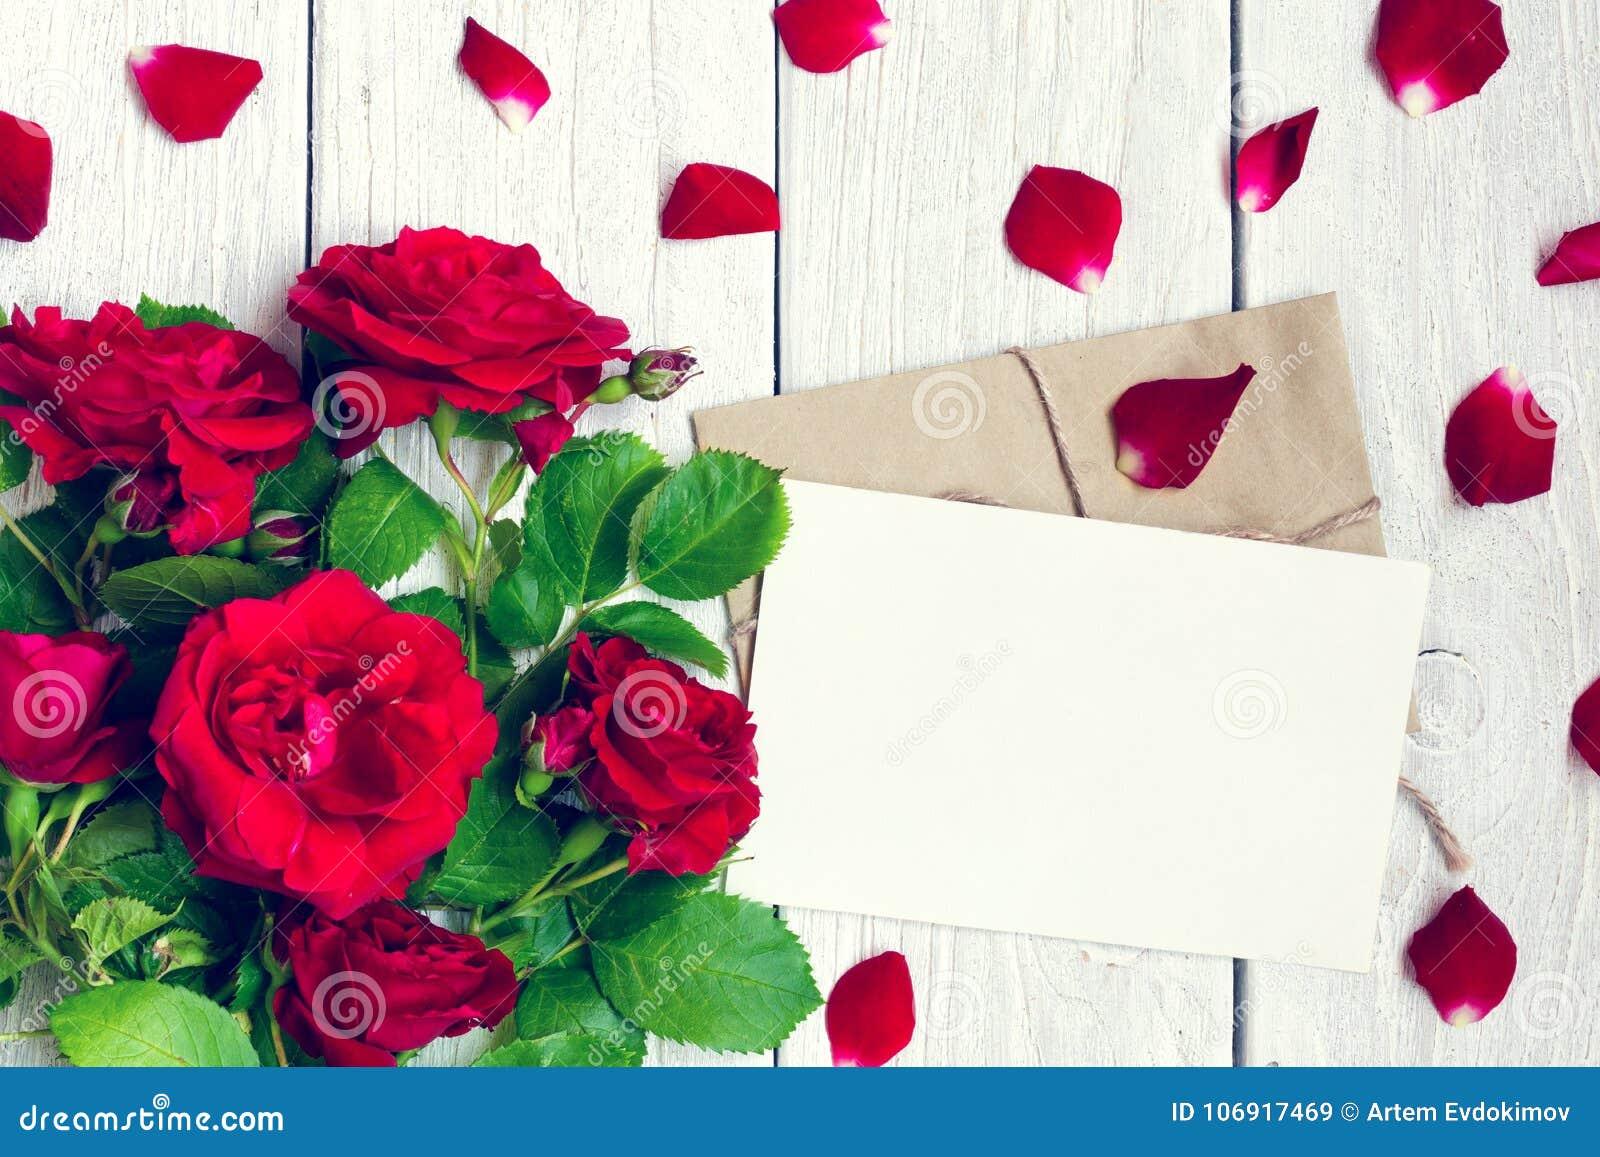 Pusty kartka z pozdrowieniami i koperta z czerwonych róż płatkami i kwiatami